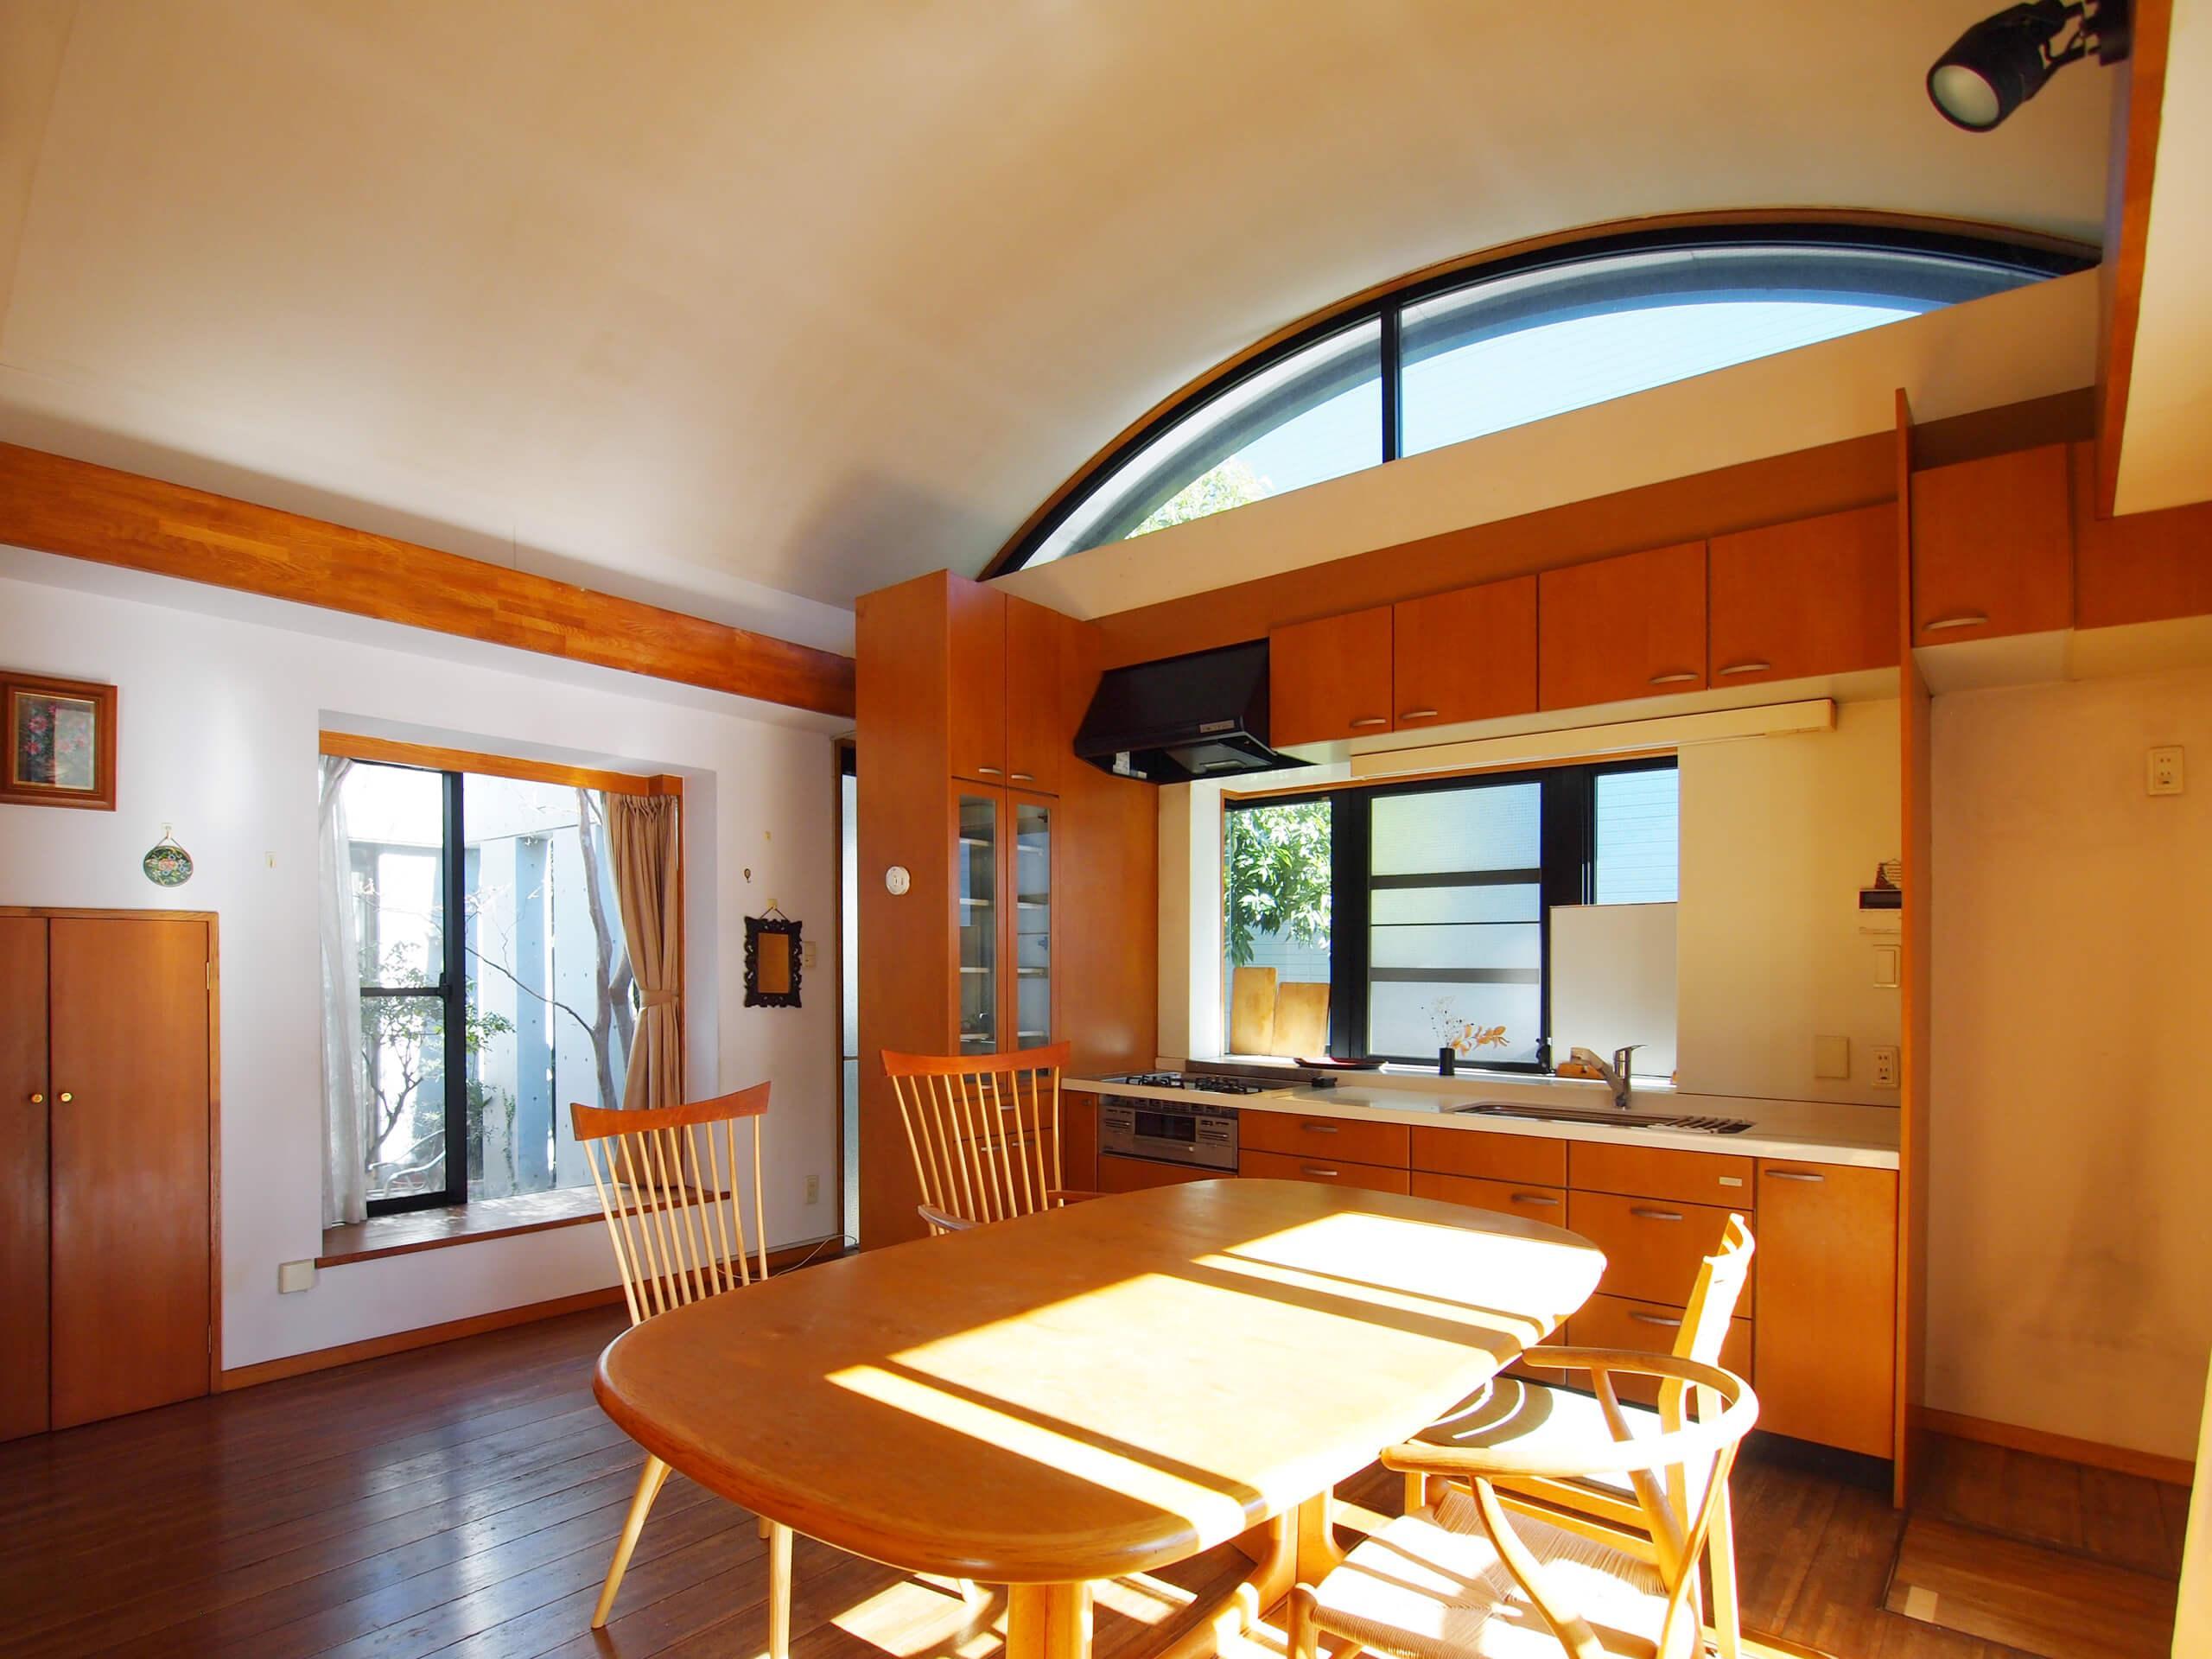 【南側】1階ダイニング。かまぼこ型の天井が開放的